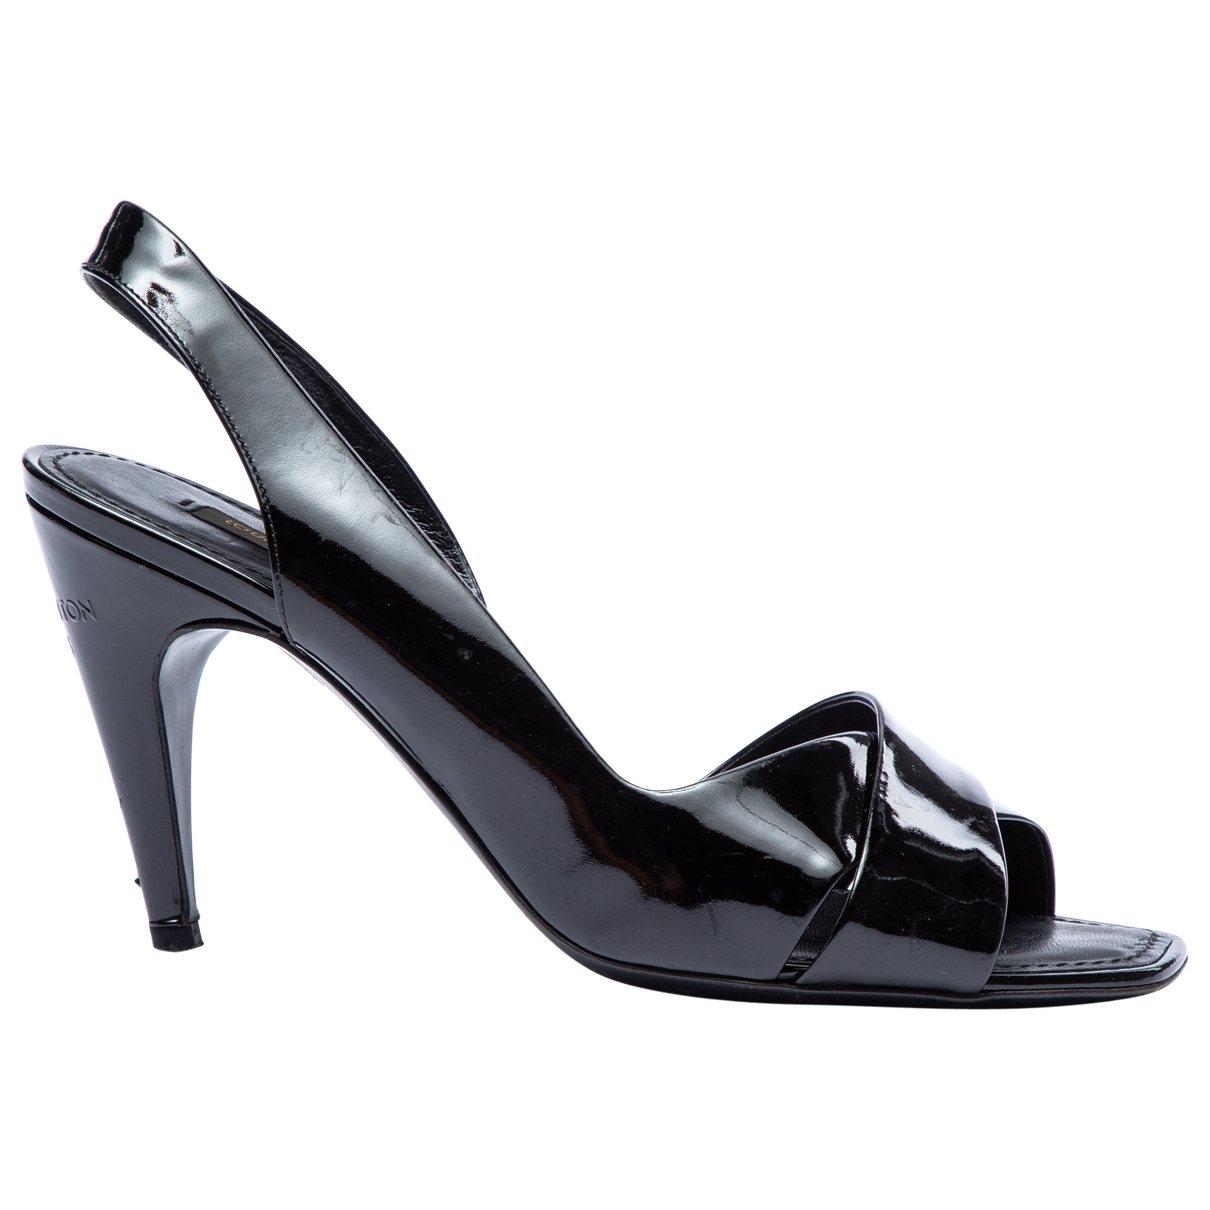 Louis Vuitton \N Pumps in  Schwarz Lackleder